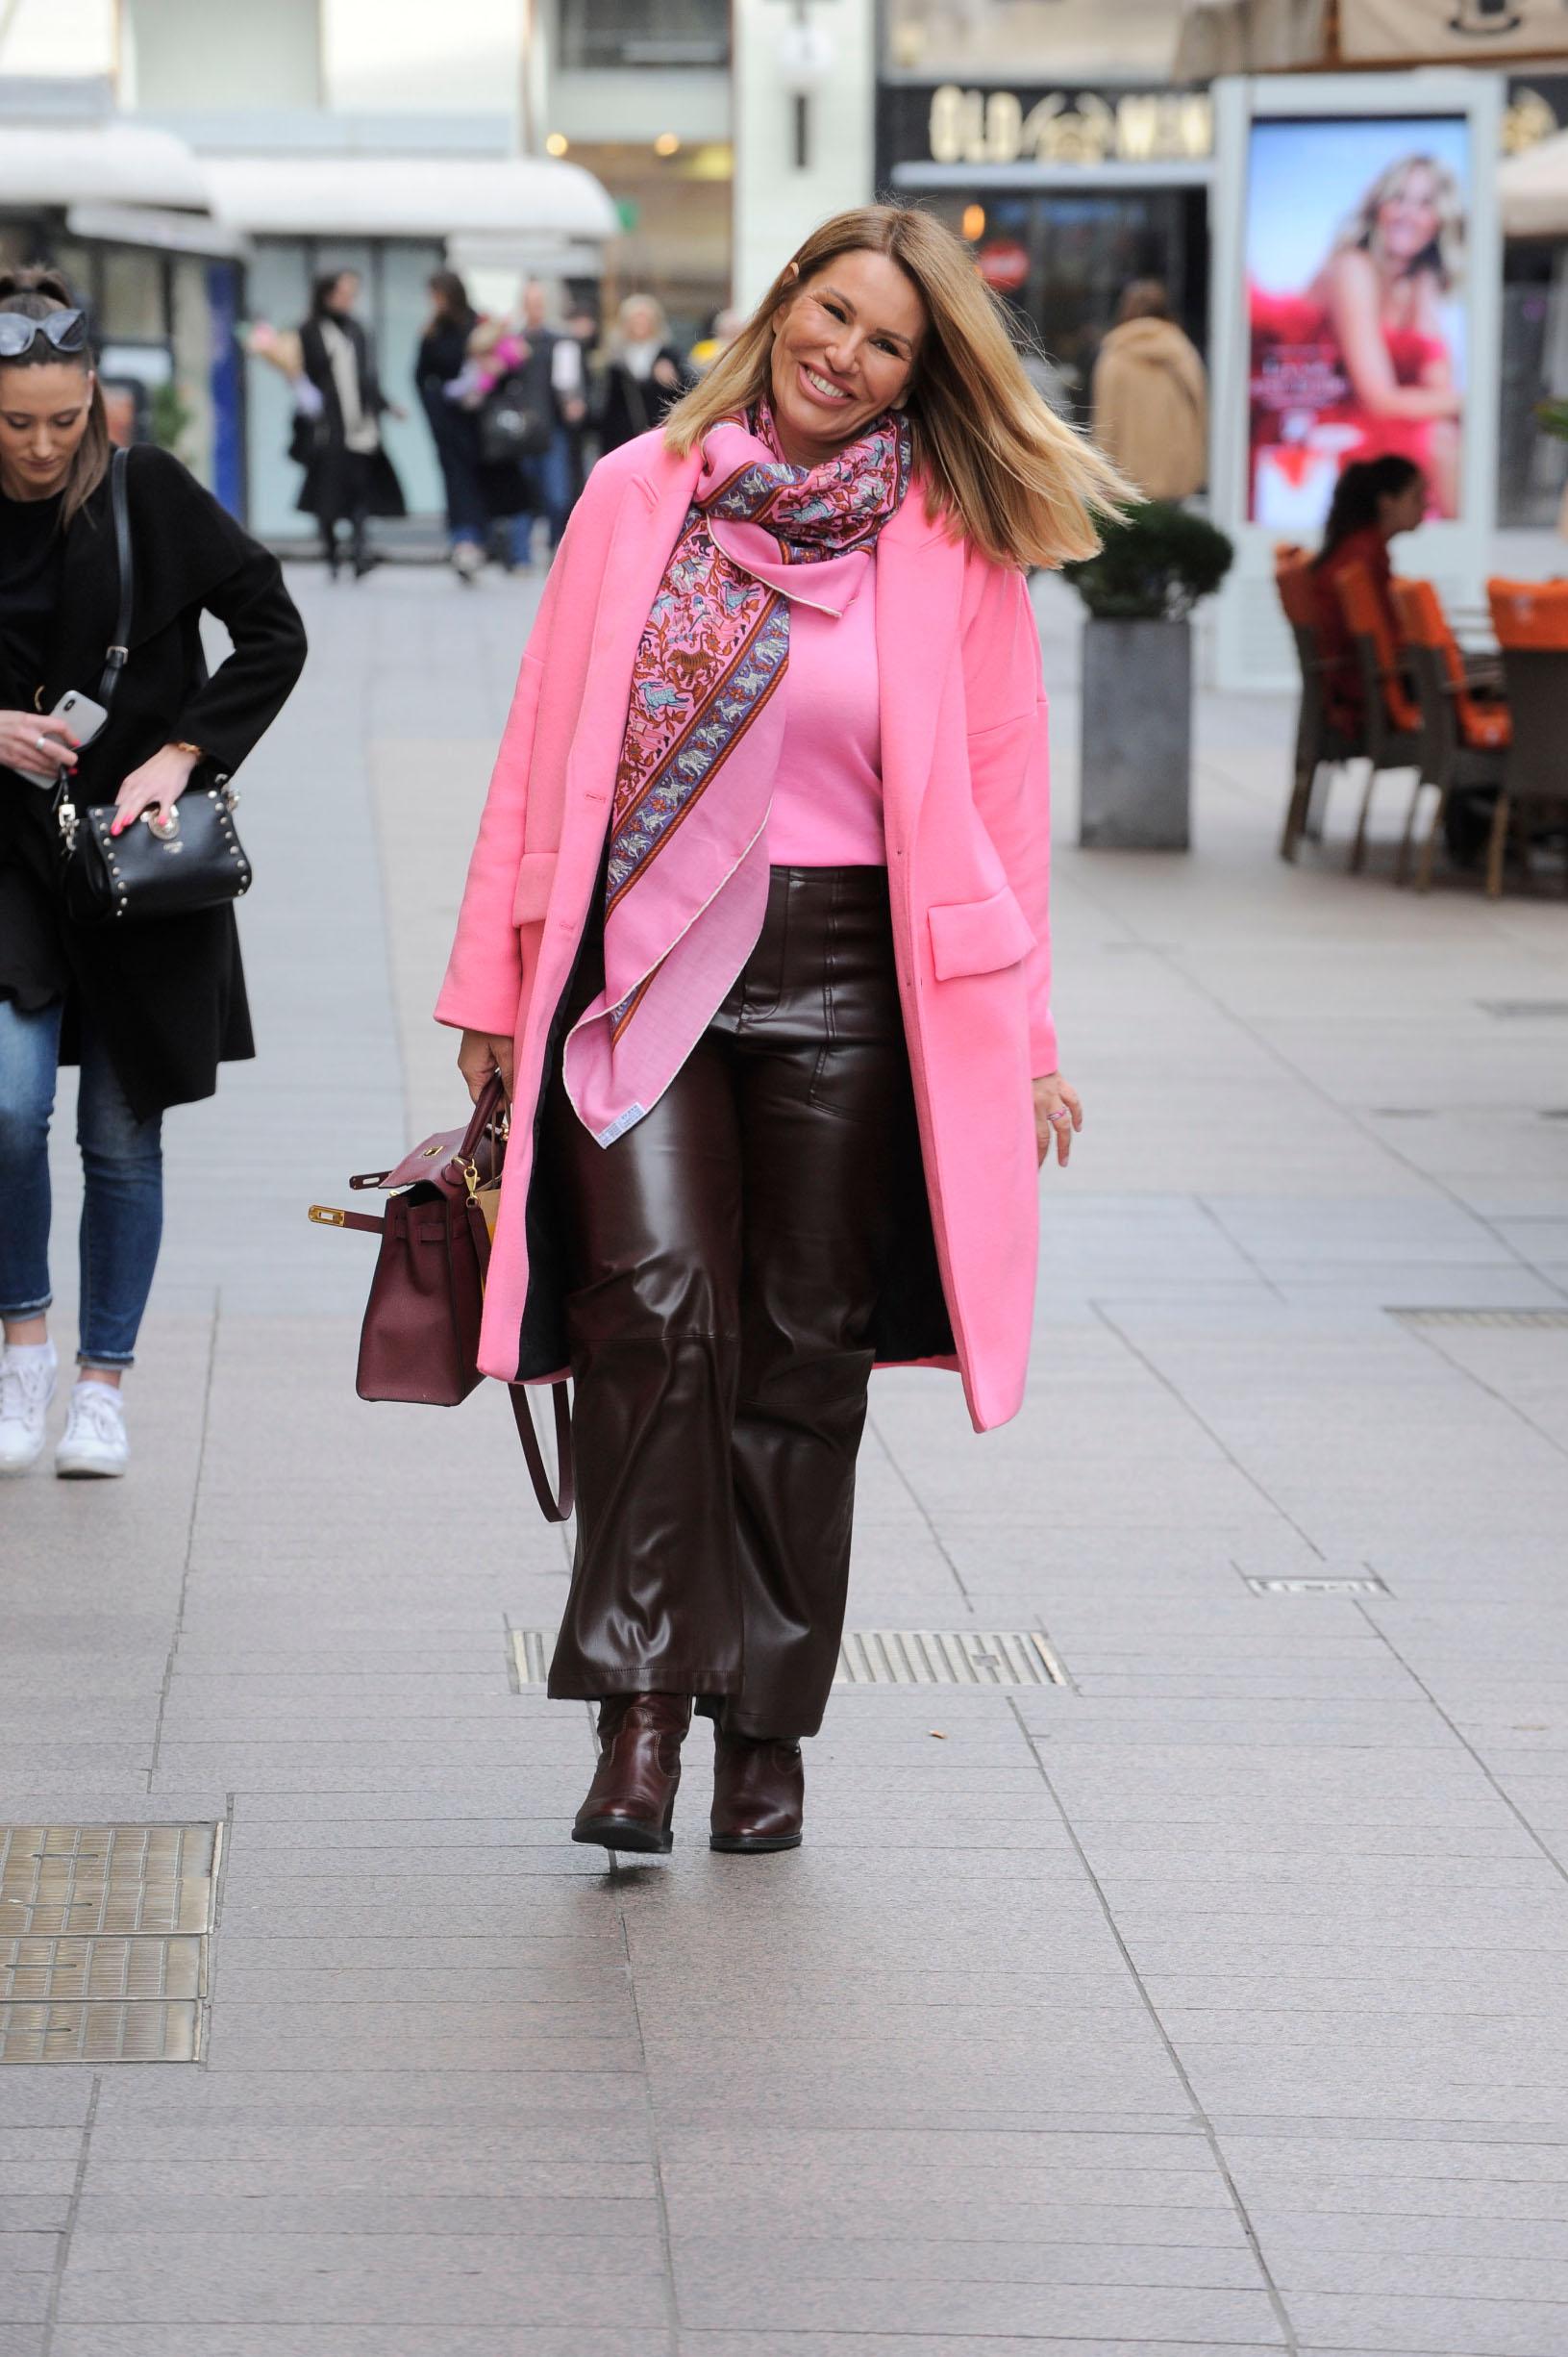 Iva Todorić prava je vjesnica proljeća u 'bubblegum' ružičastoj kombinaciji.